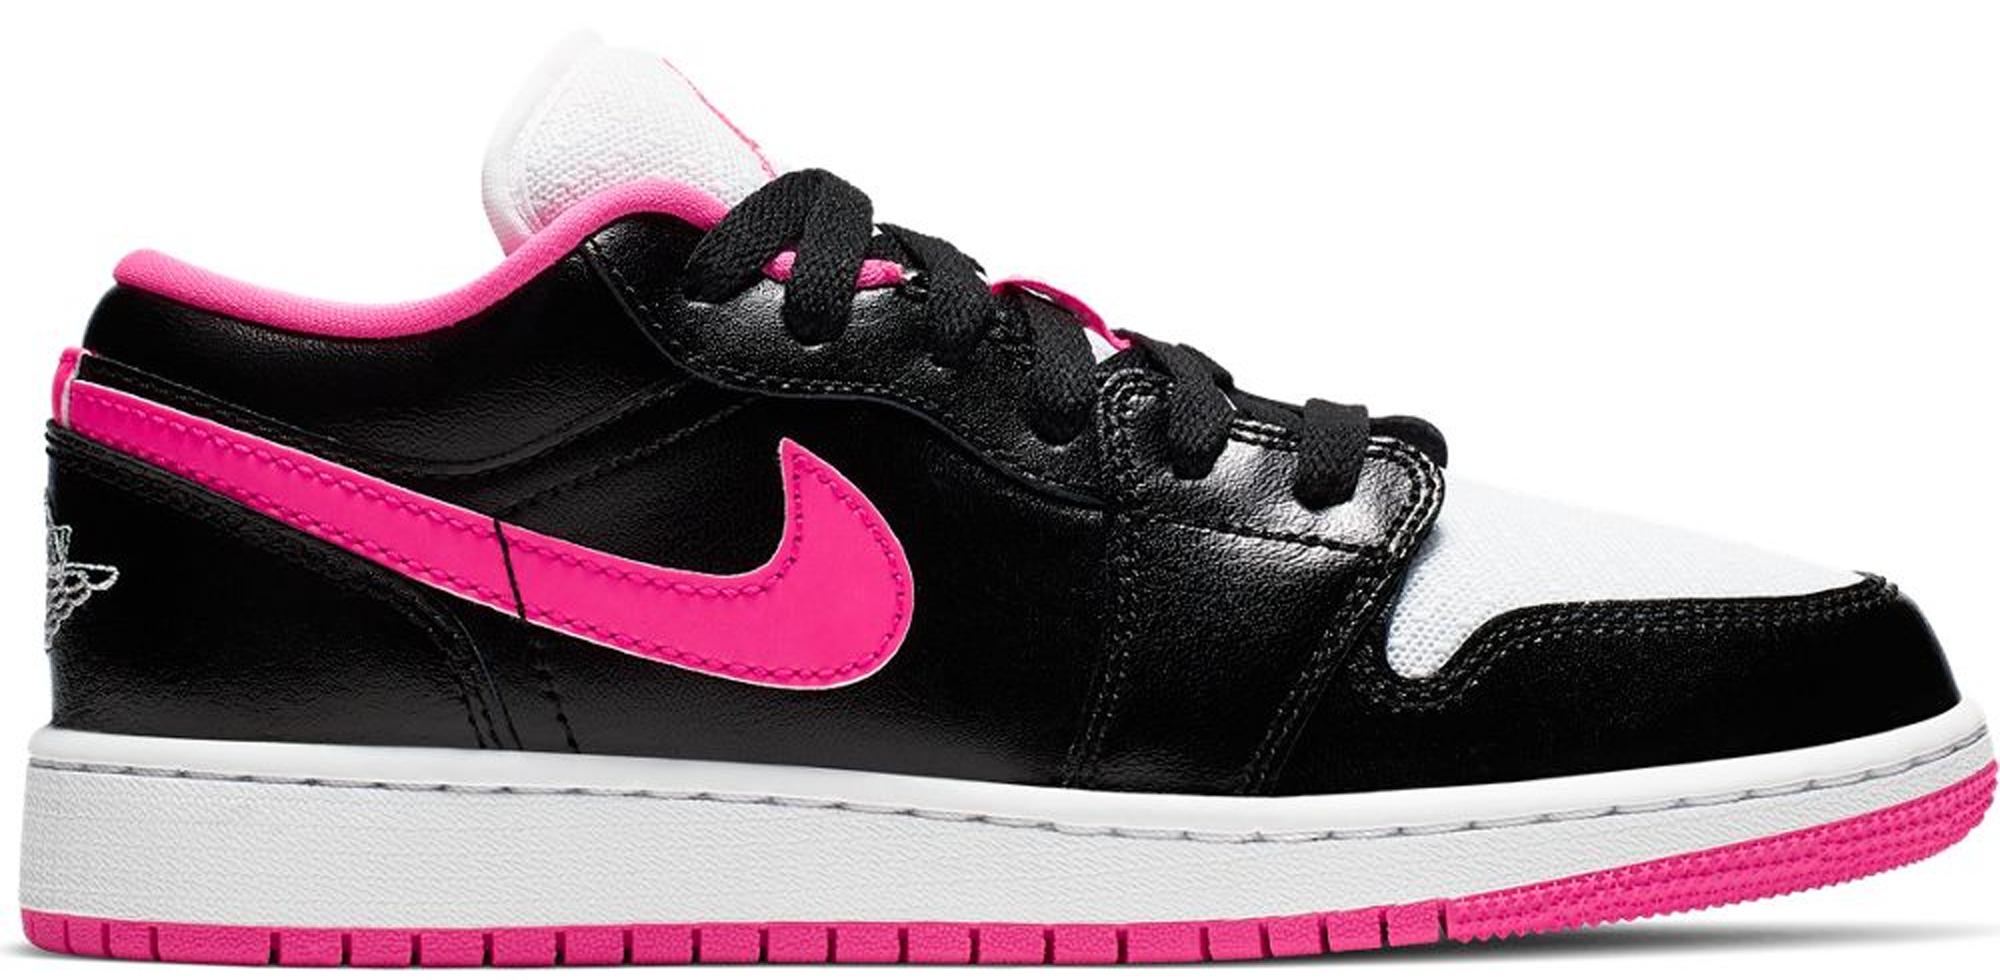 Jordan 1 Low Black White Hyper Pink (GS